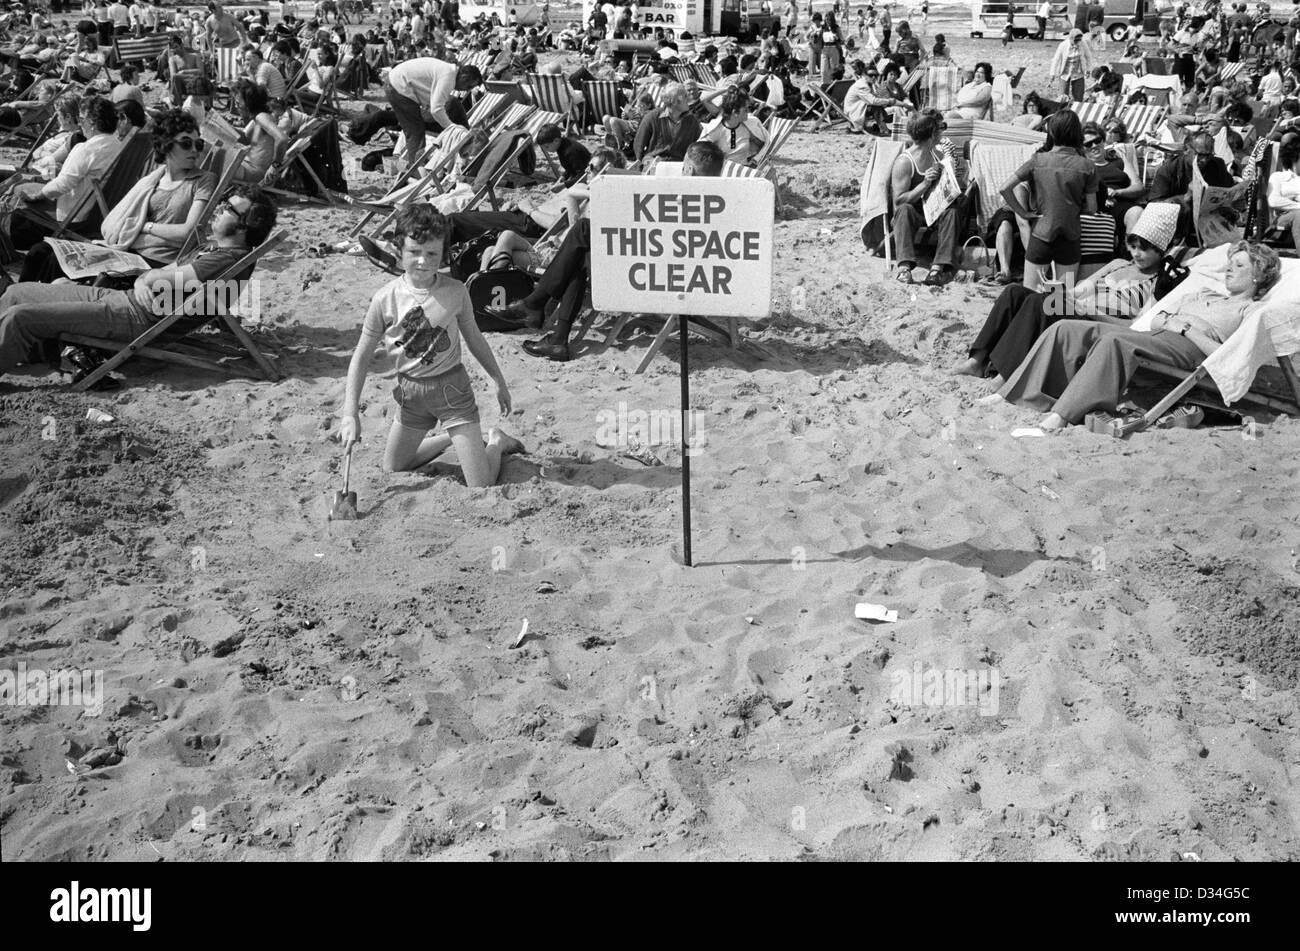 Strand von Blackpool Lancashire 1970 s halten diesen Raum klar, war dies für die Sicherheit und die verlorenen Stockbild